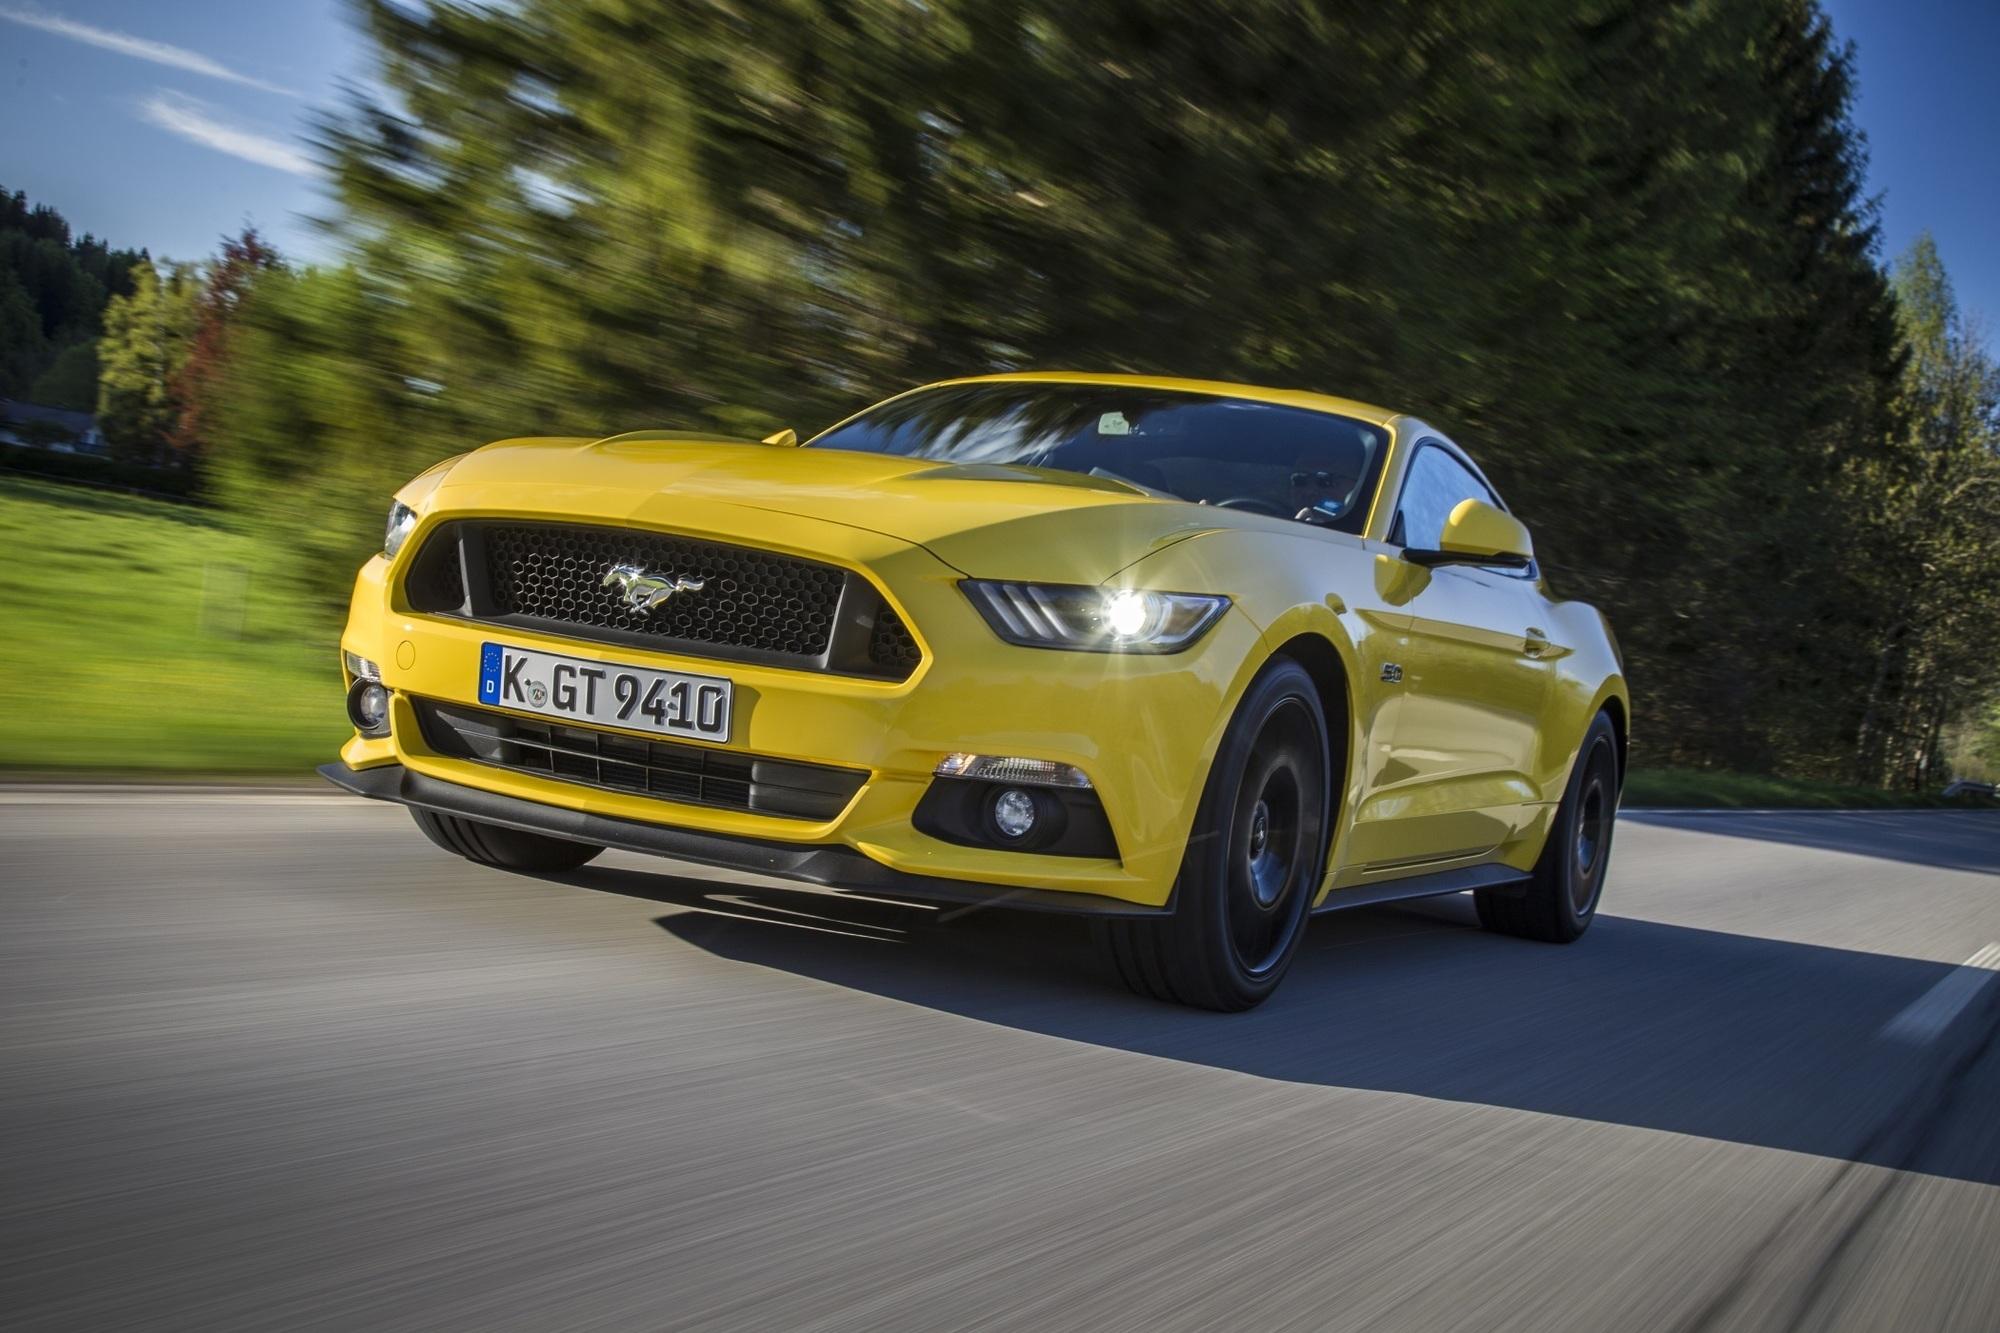 Fahrbericht: Ford Mustang - Der Ritt nach Europa